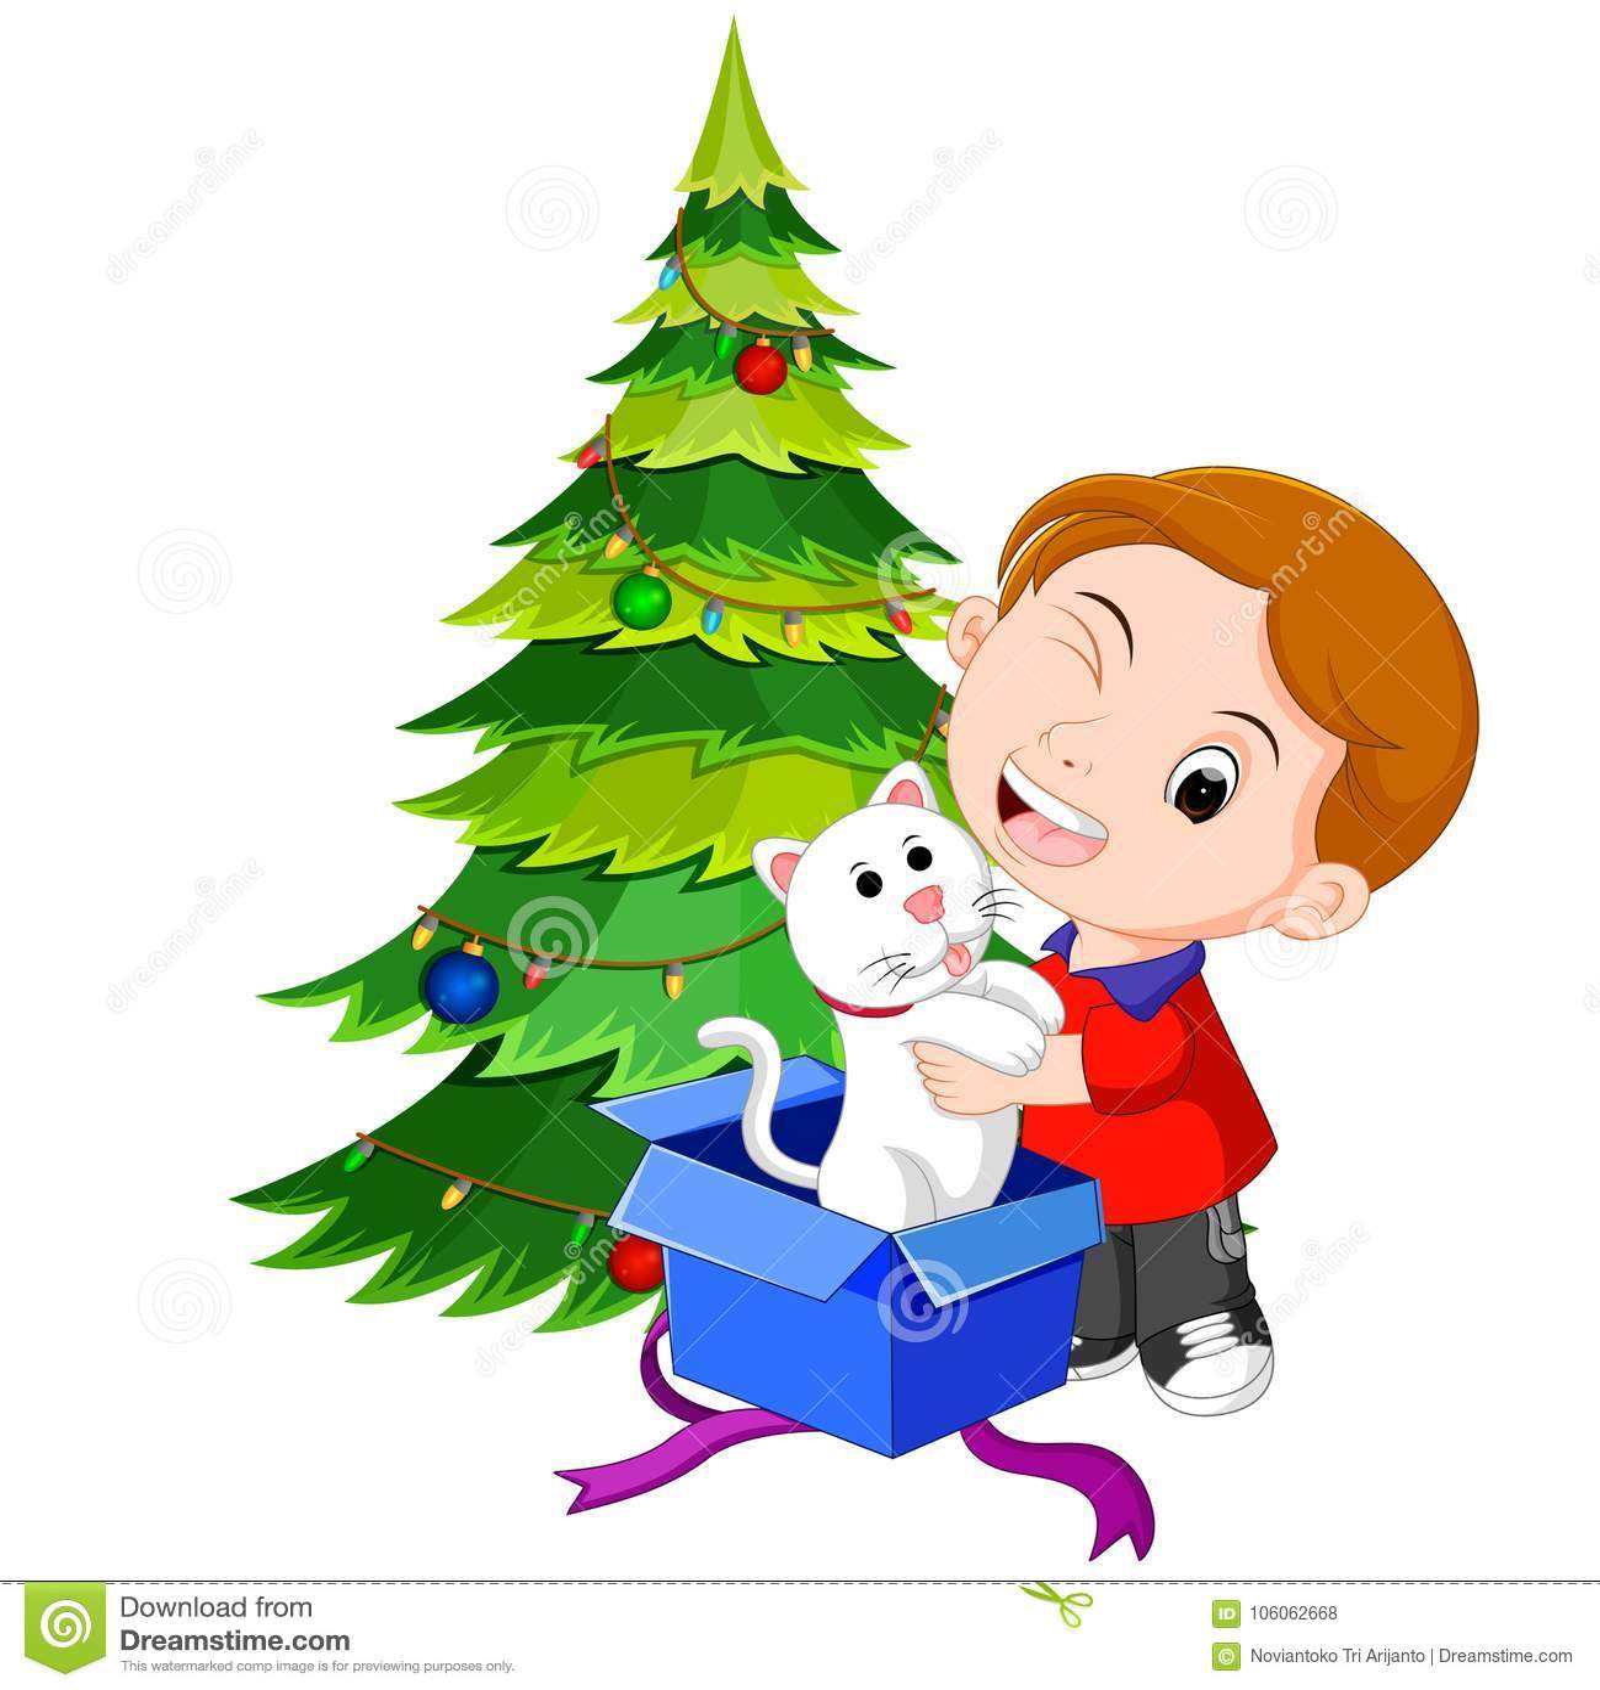 Kinder, Die Geschenke Für Weihnachten Erhalten Vektor Abbildung ...